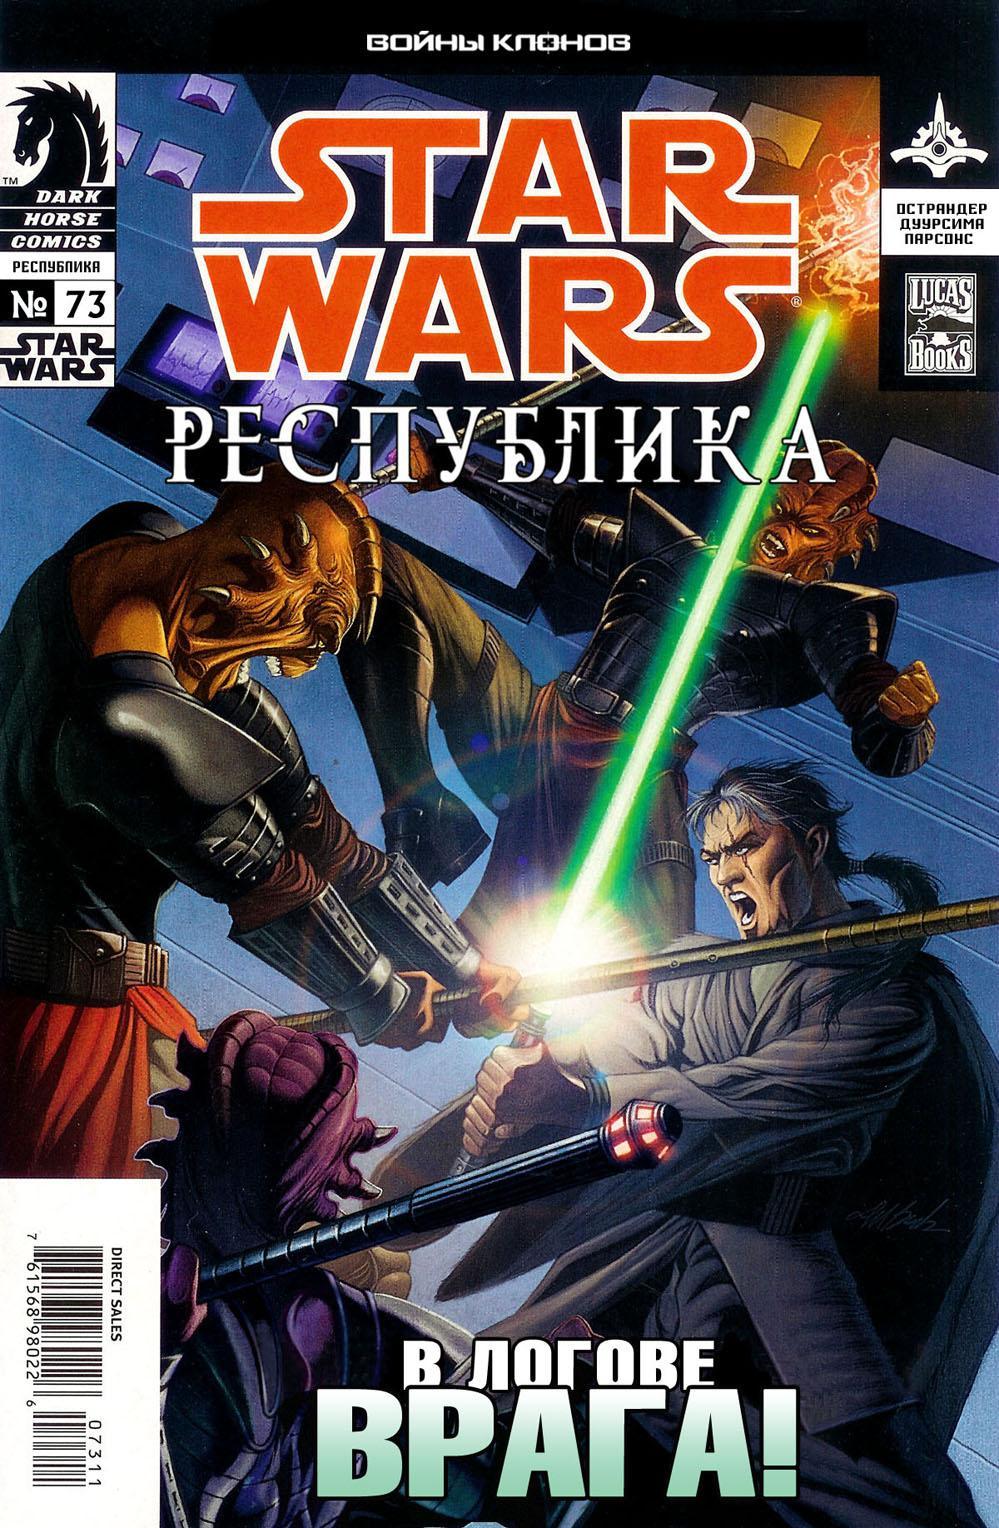 Звёздные войны. Республика 73: По следу, часть 2